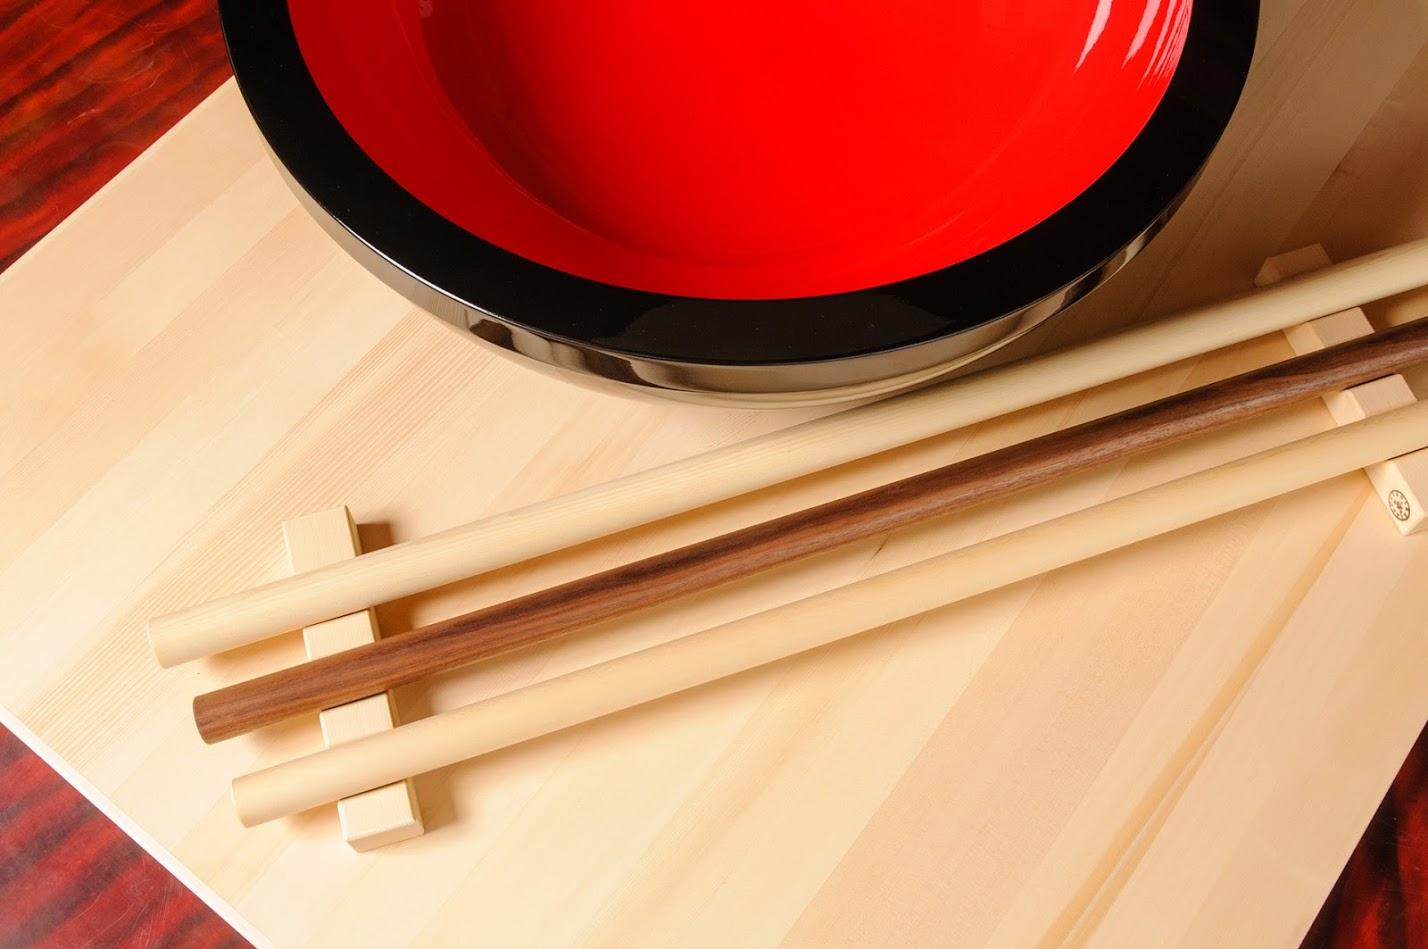 3本の麺棒・のし棒・巻き棒